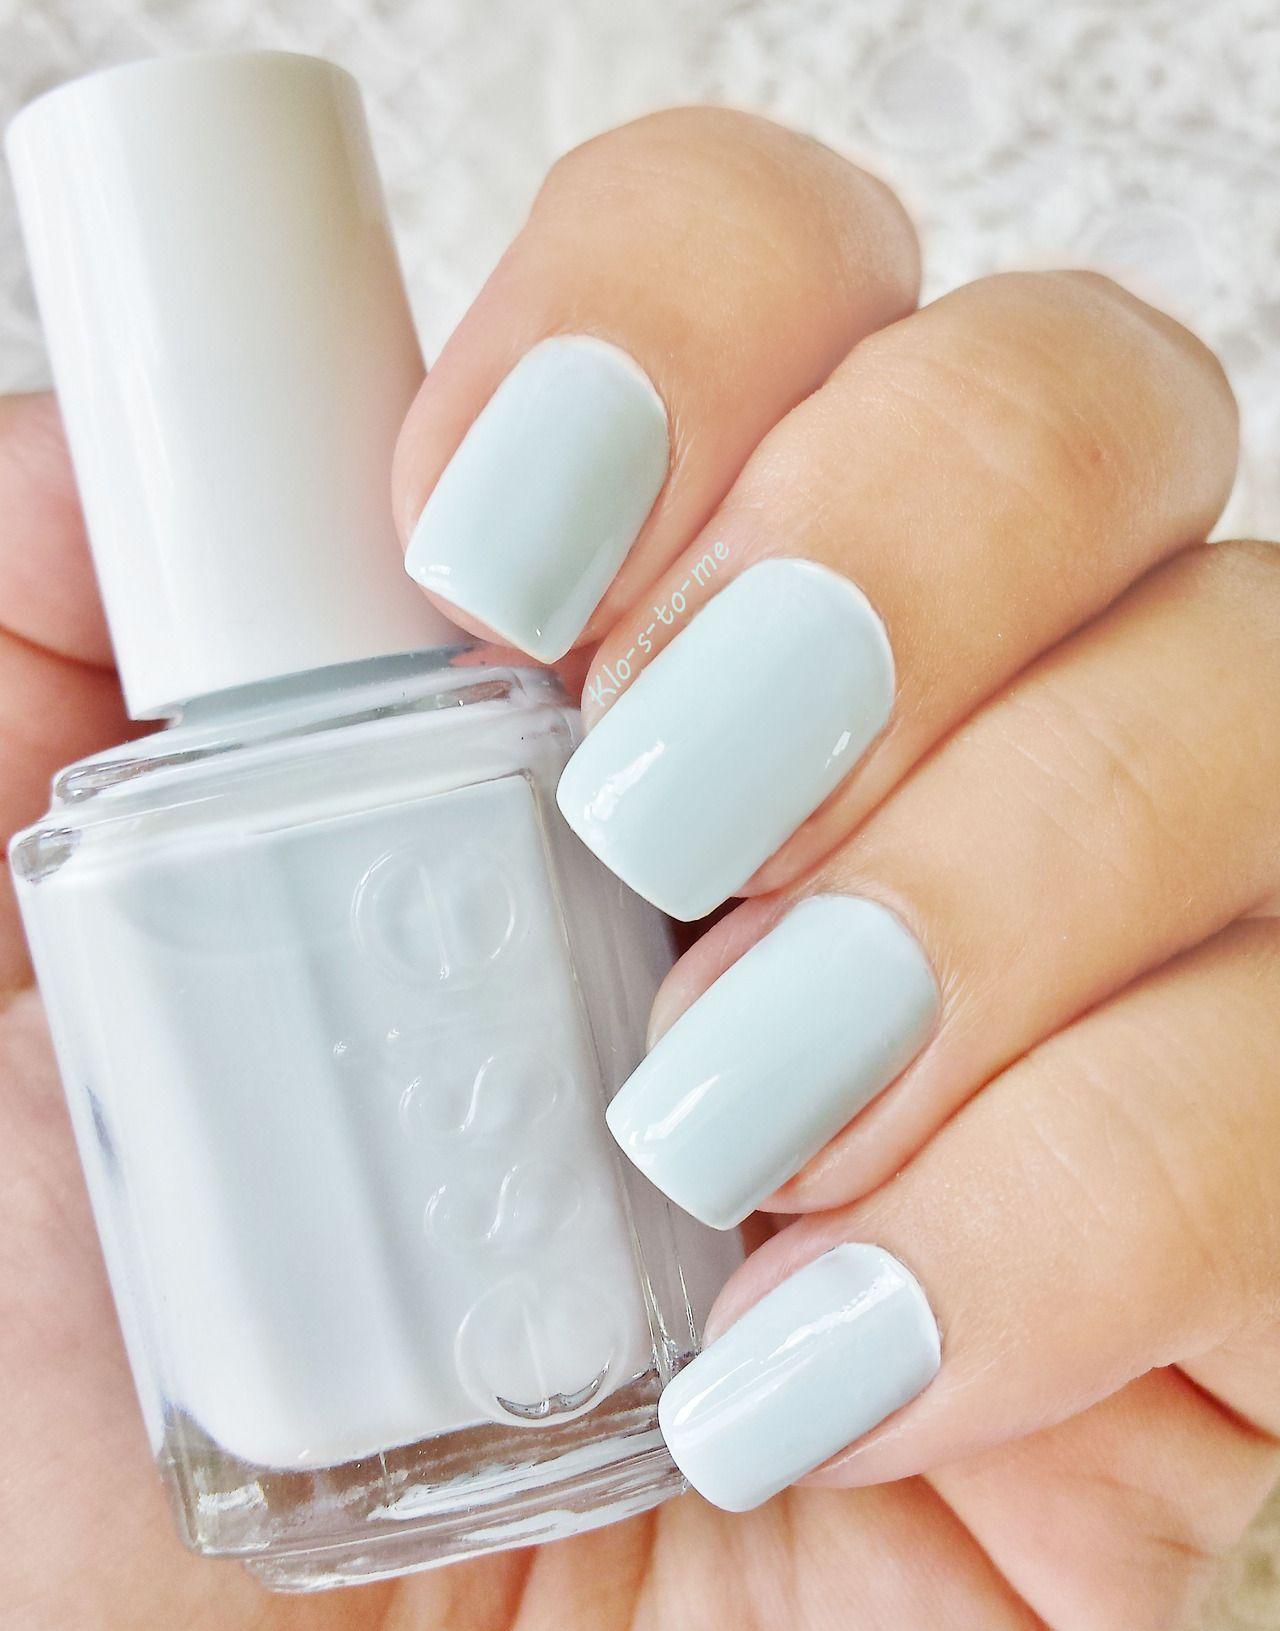 Essie - Find me an oasis   ManicureMonday   Pinterest   Diseños de ...